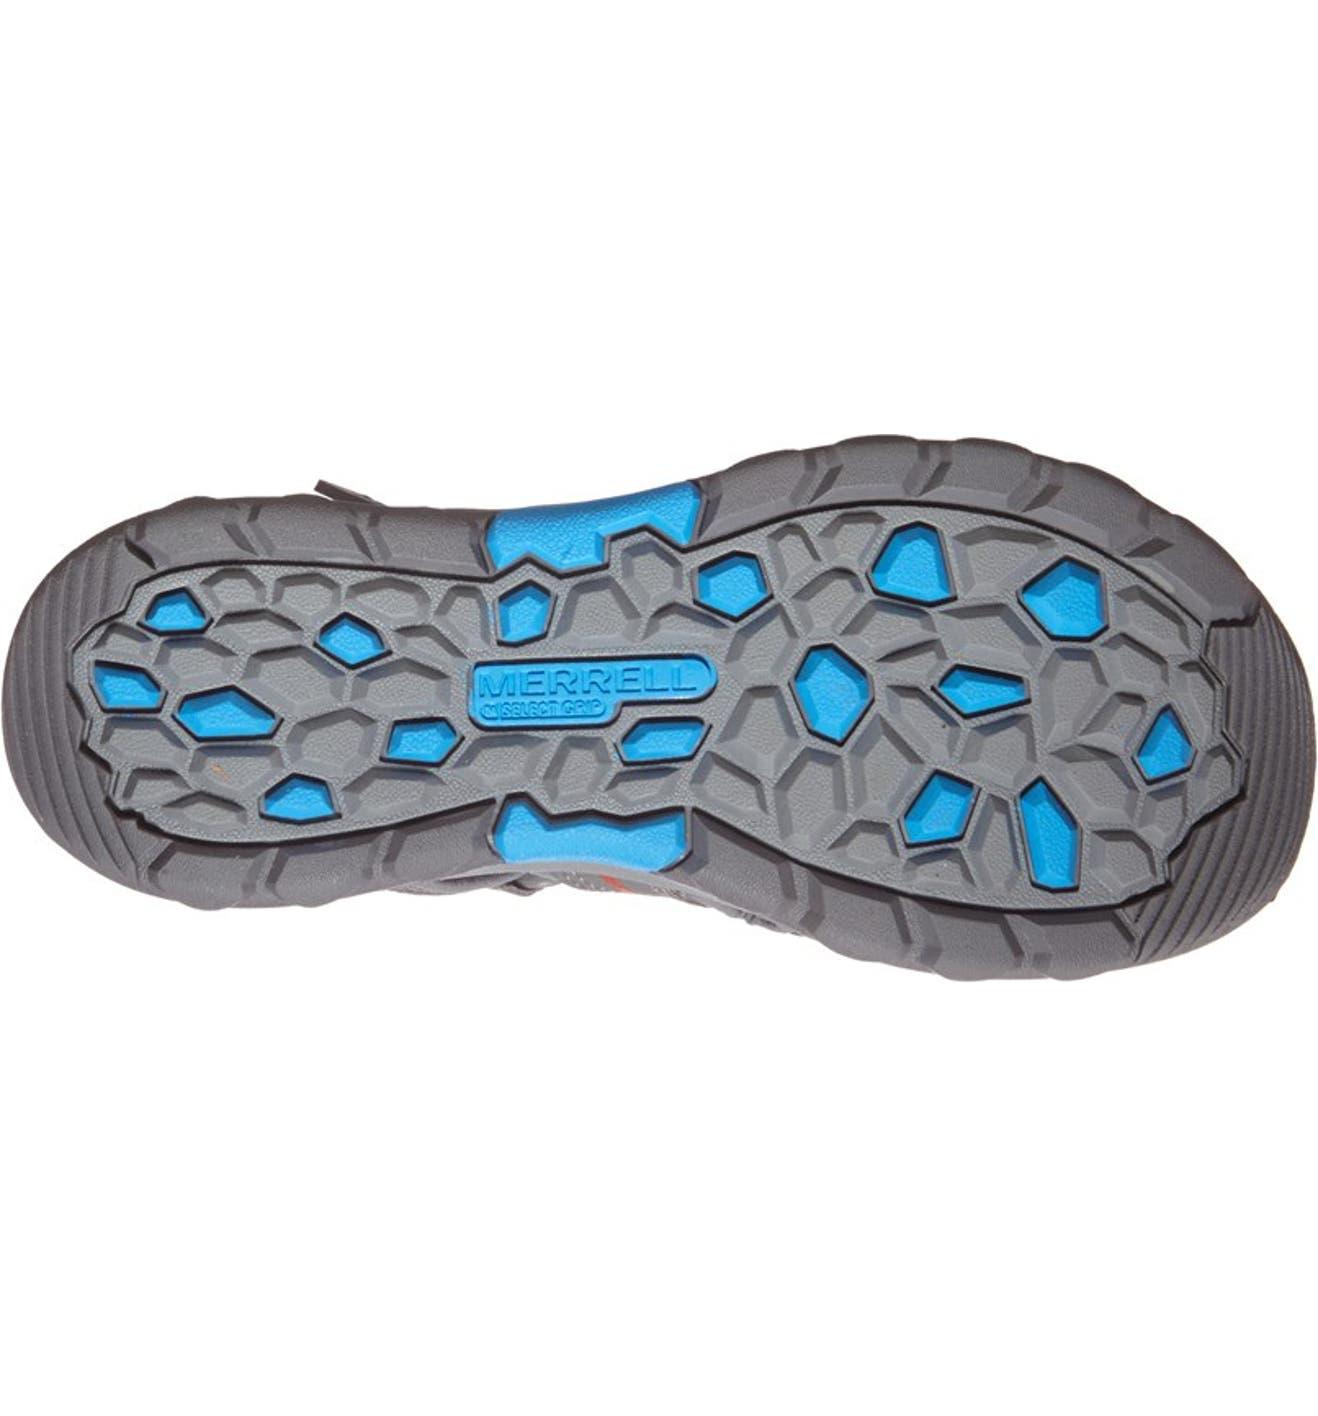 c3b6602d8 Merrell Hydro Water Sandal (Toddler